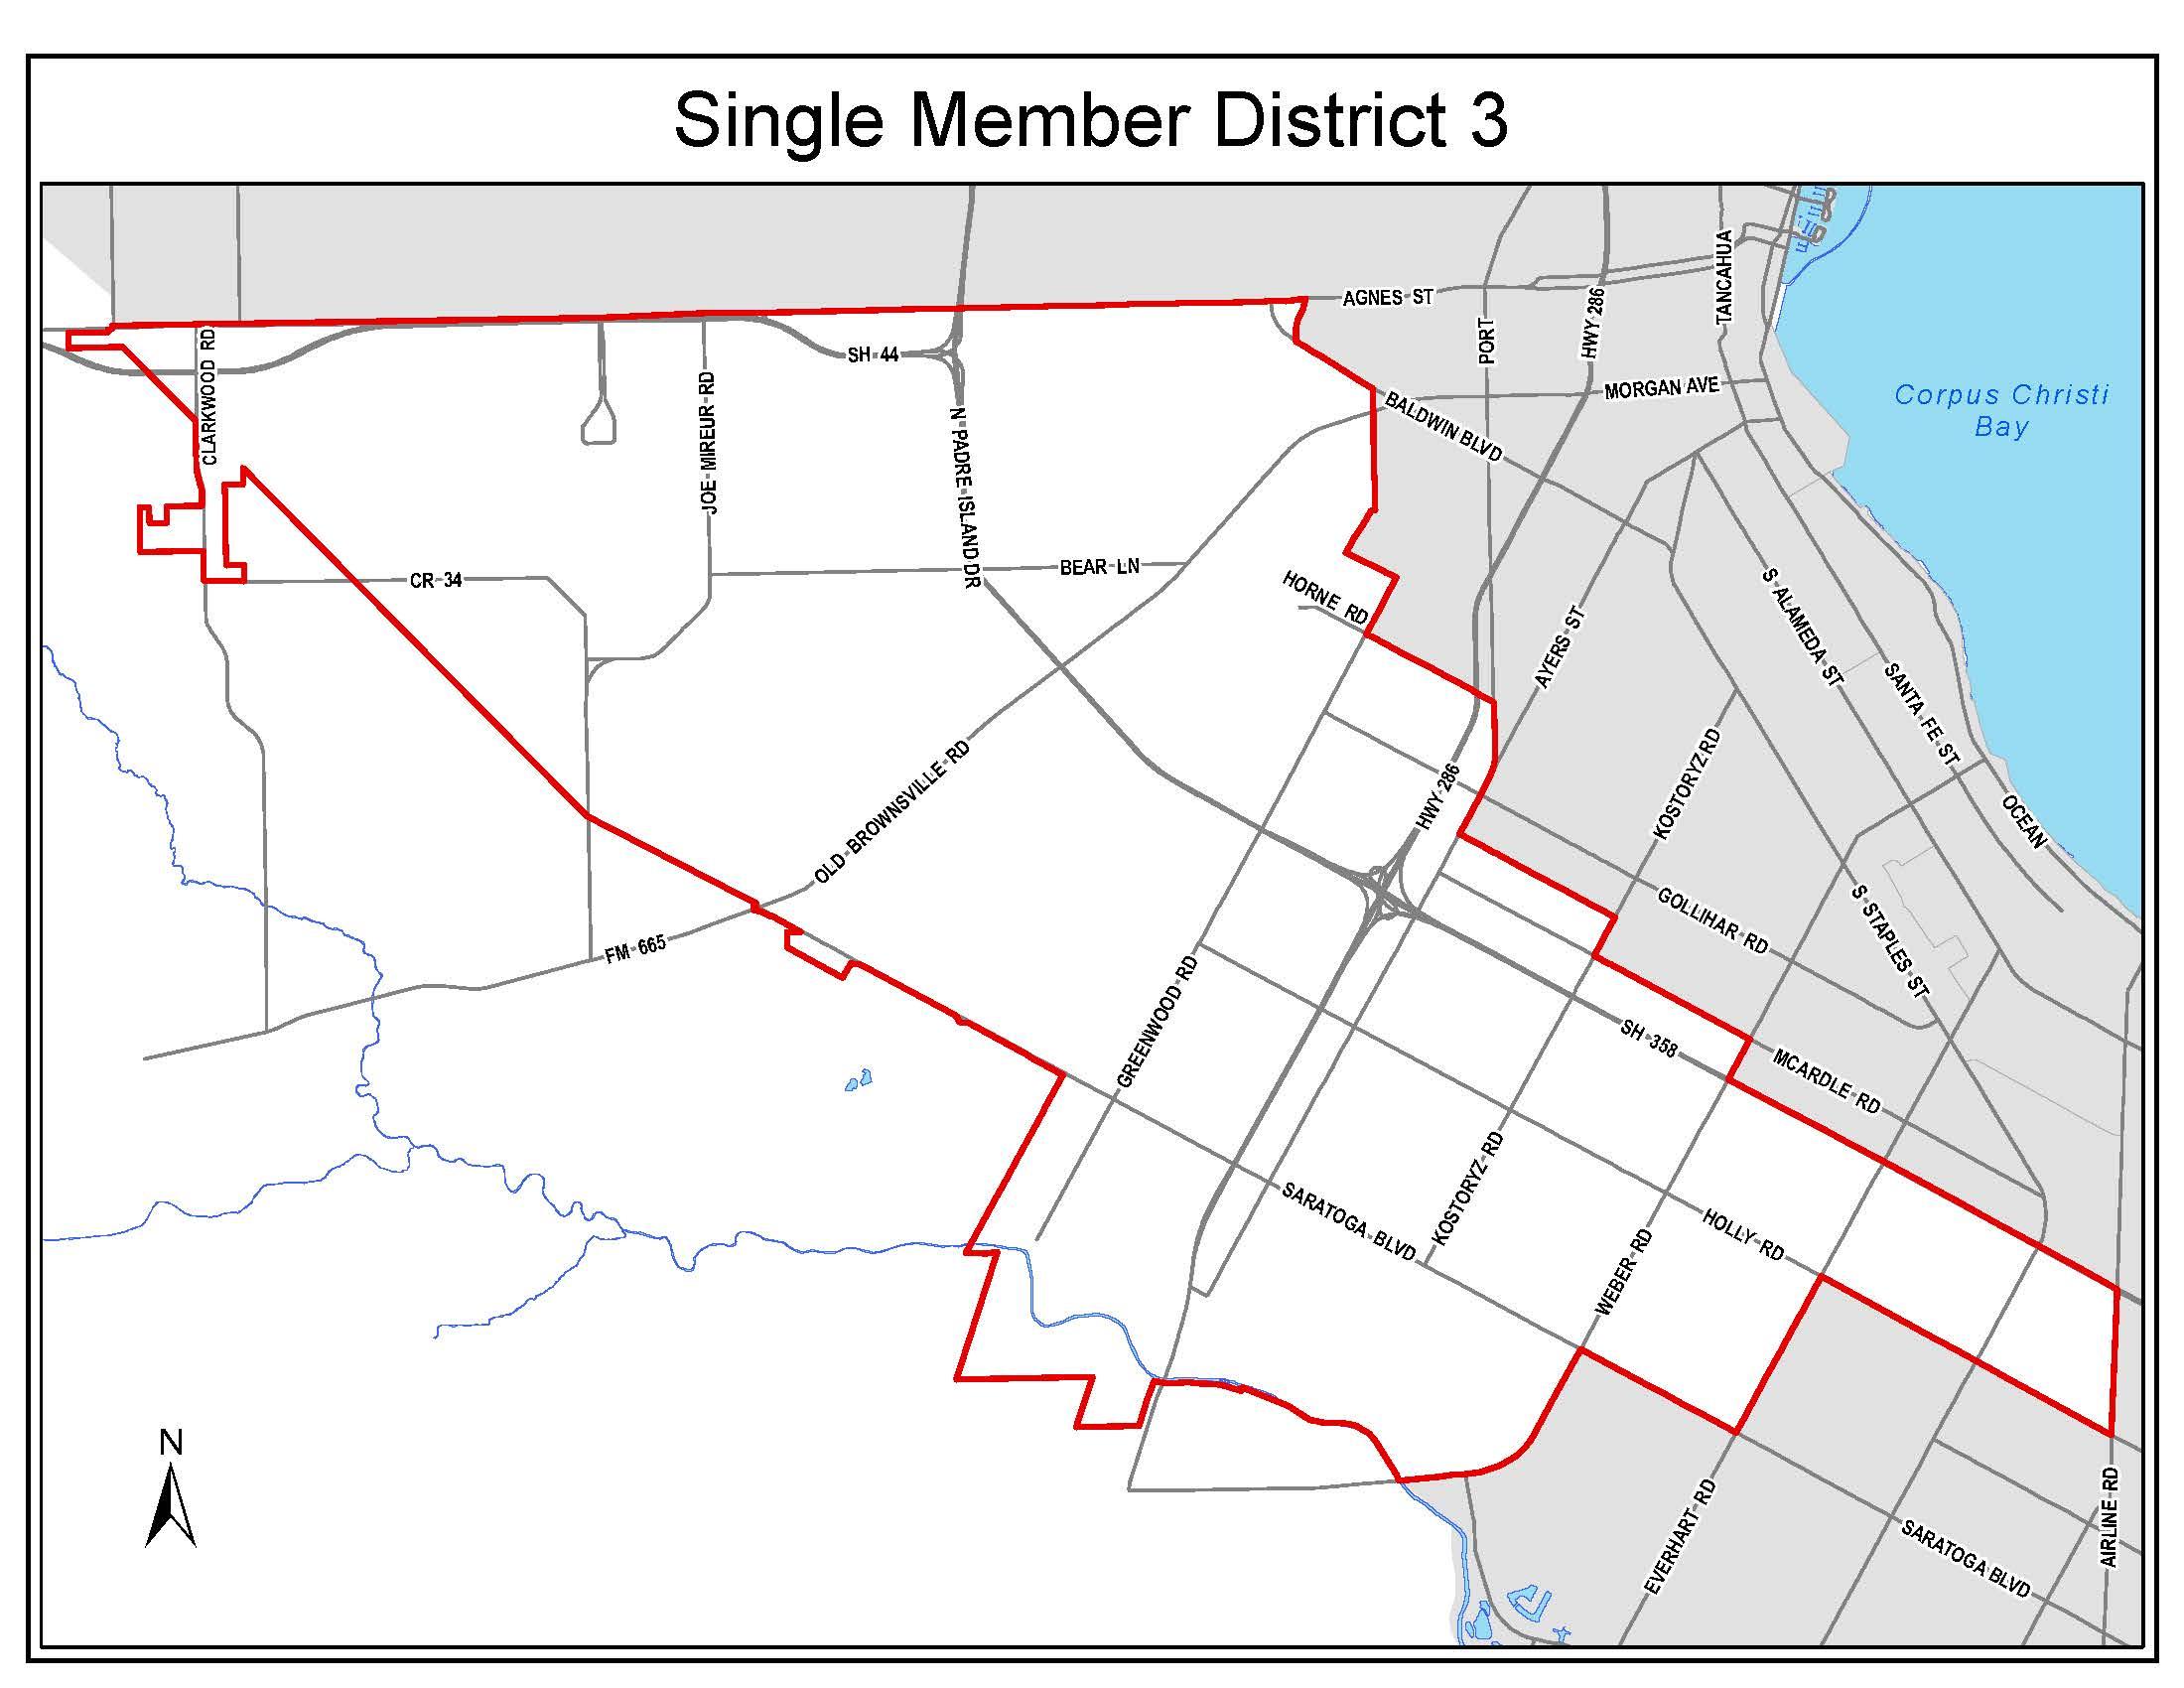 Council District 3 boundaries